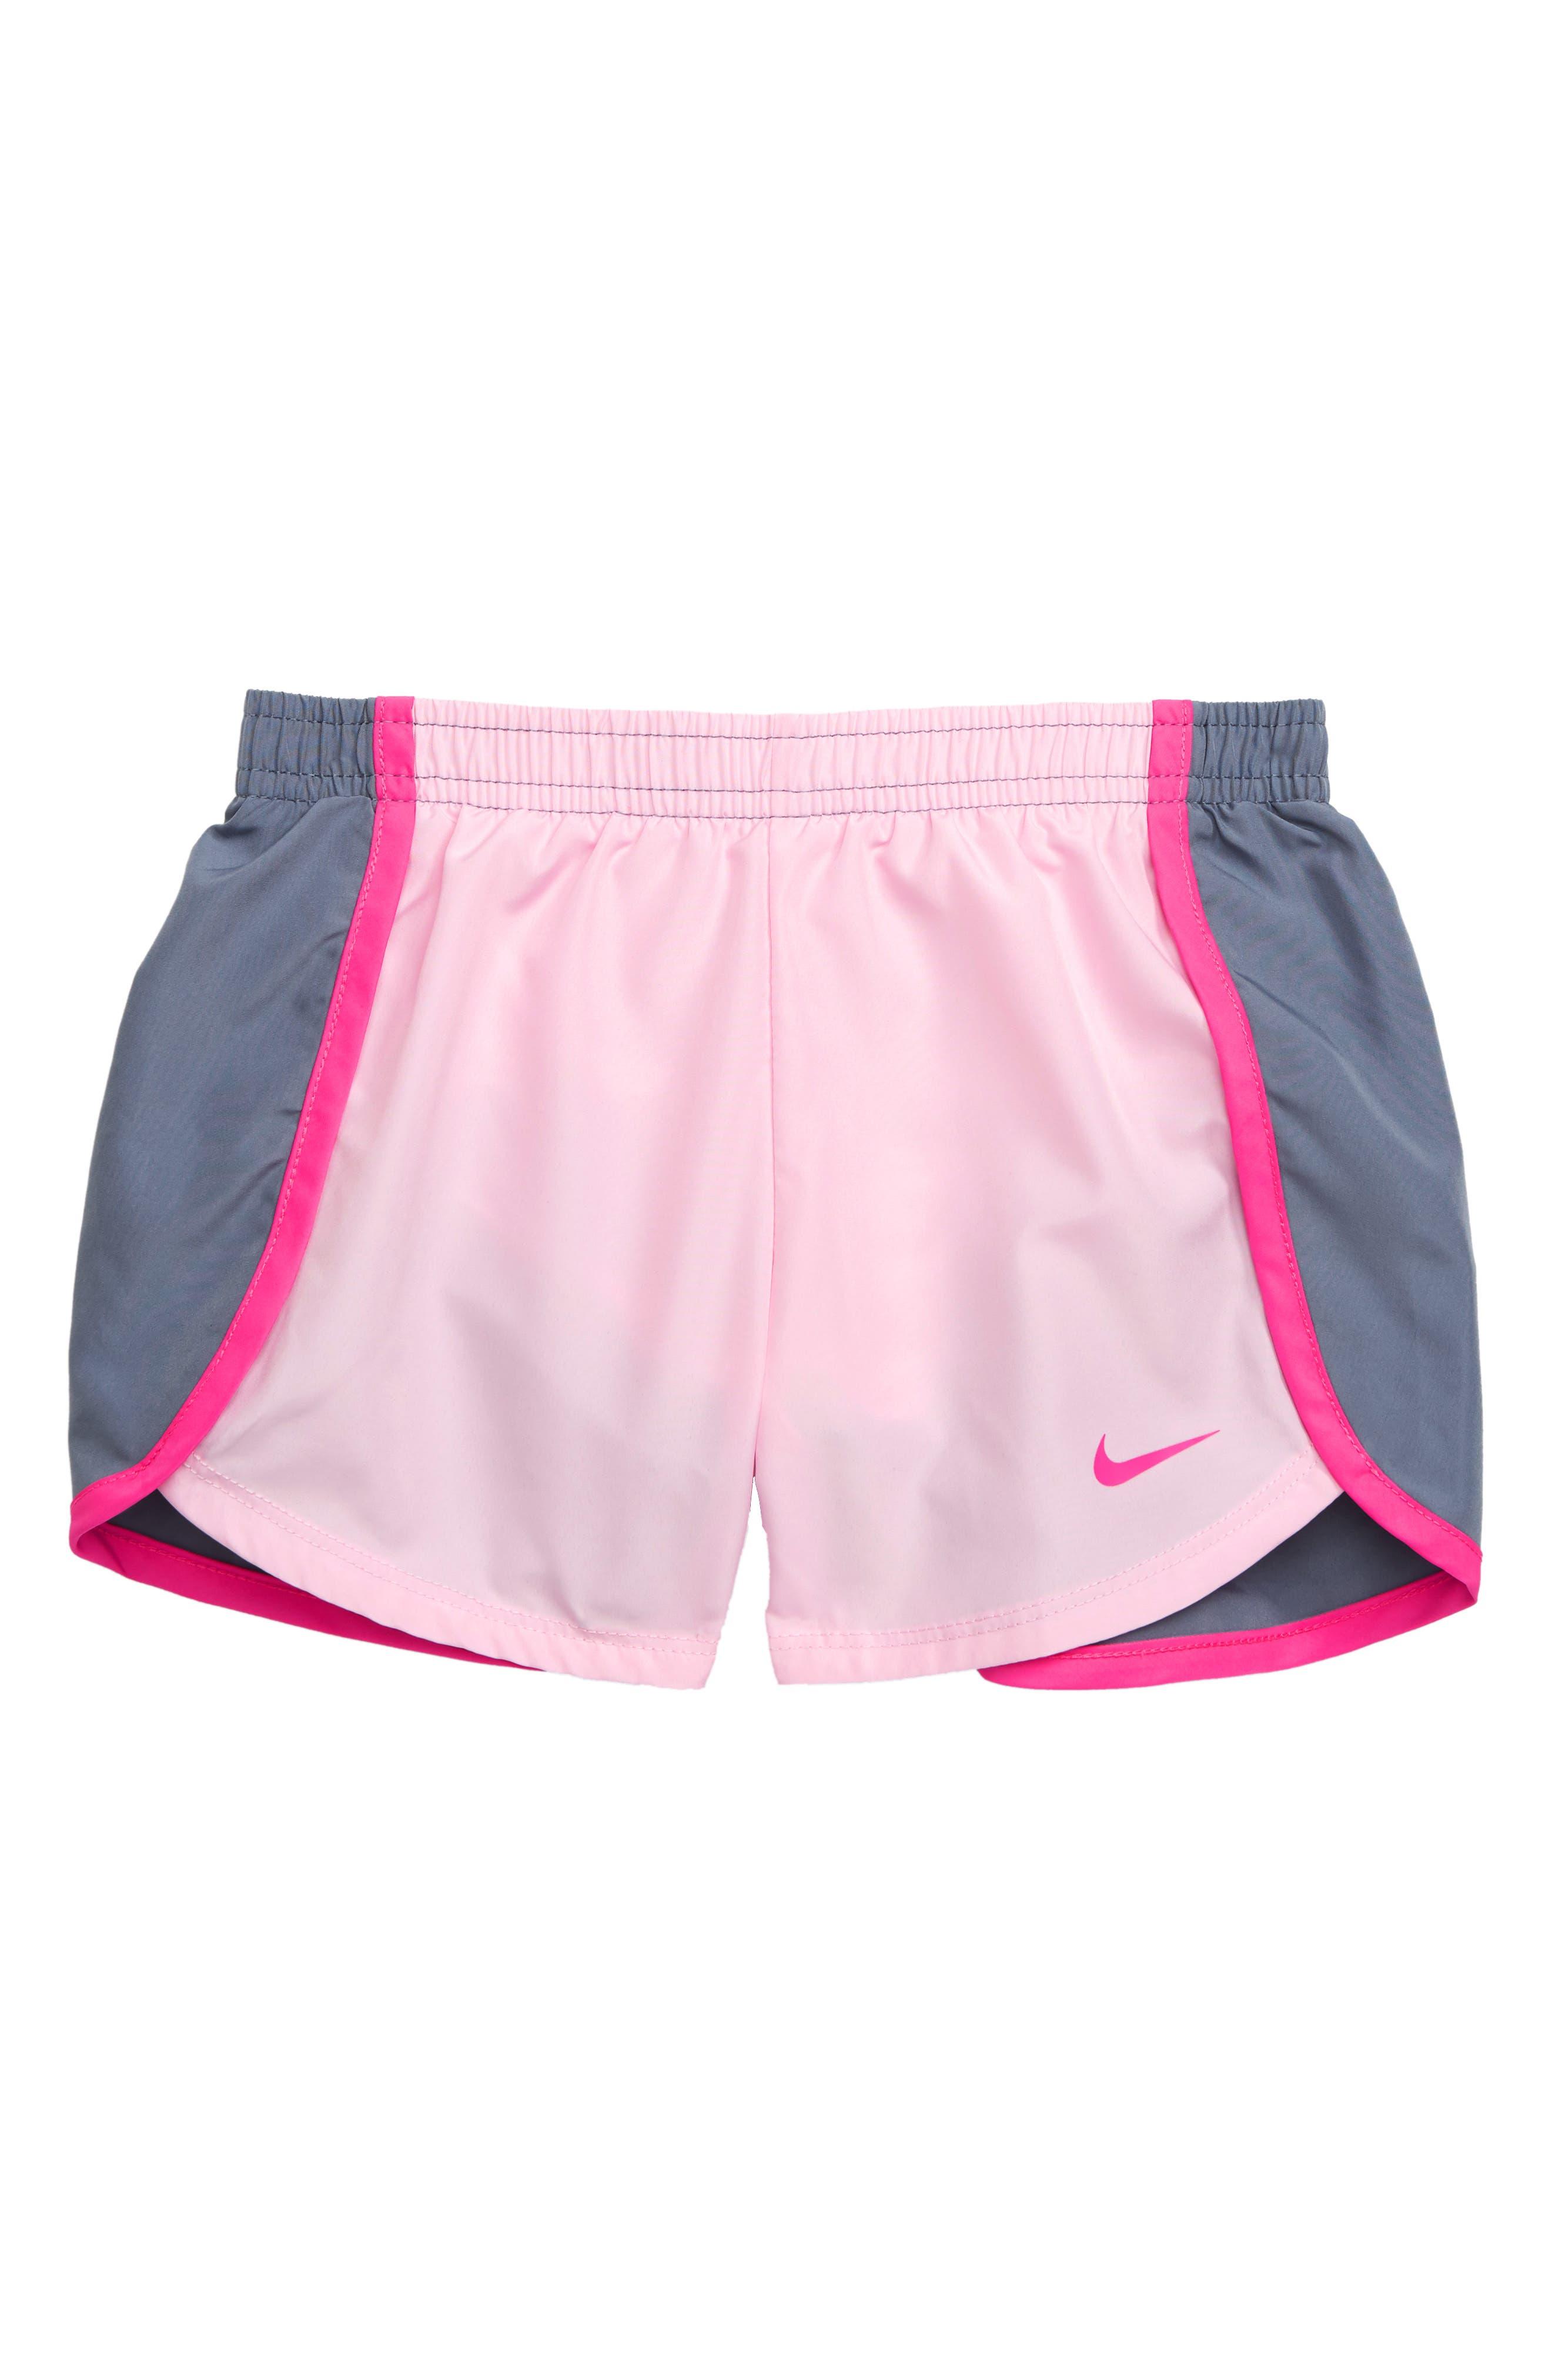 Toddler Girls Nike Dry Run Shorts Size 4T  Pink